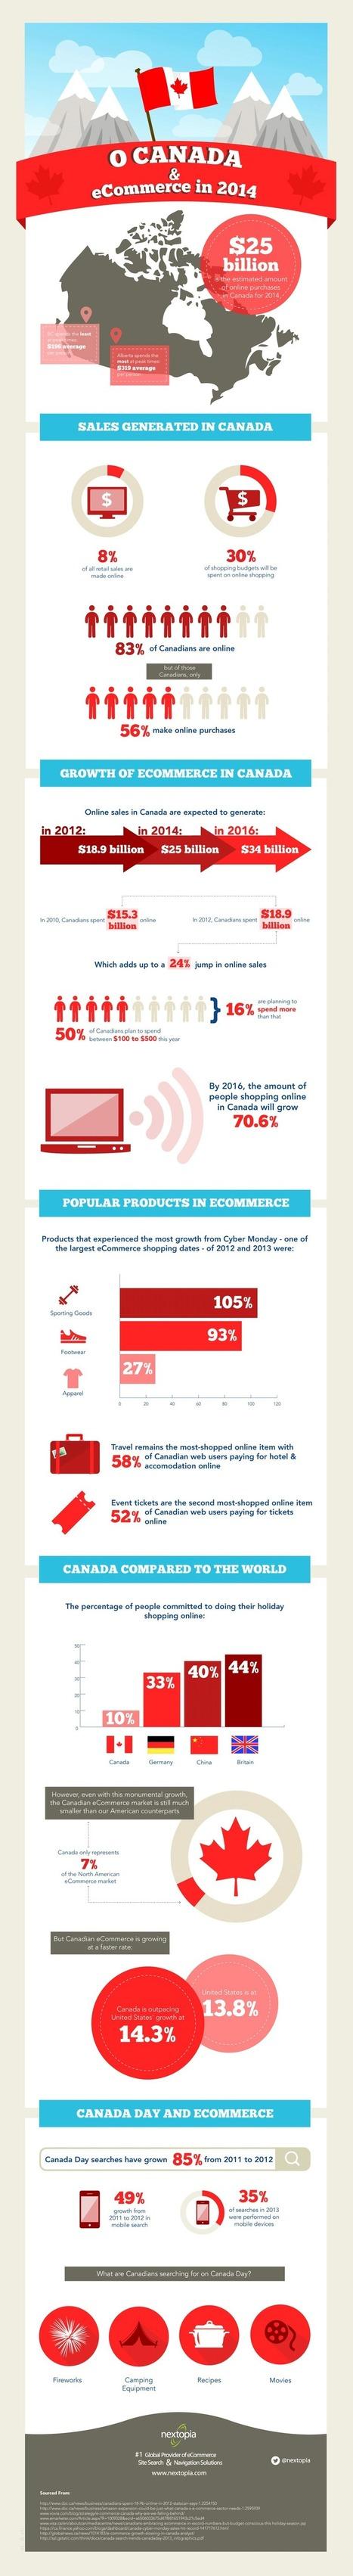 Zoom sur l'e-commerce au Canada | SEM Strategy - E-commerce - E-Marketing | Scoop.it